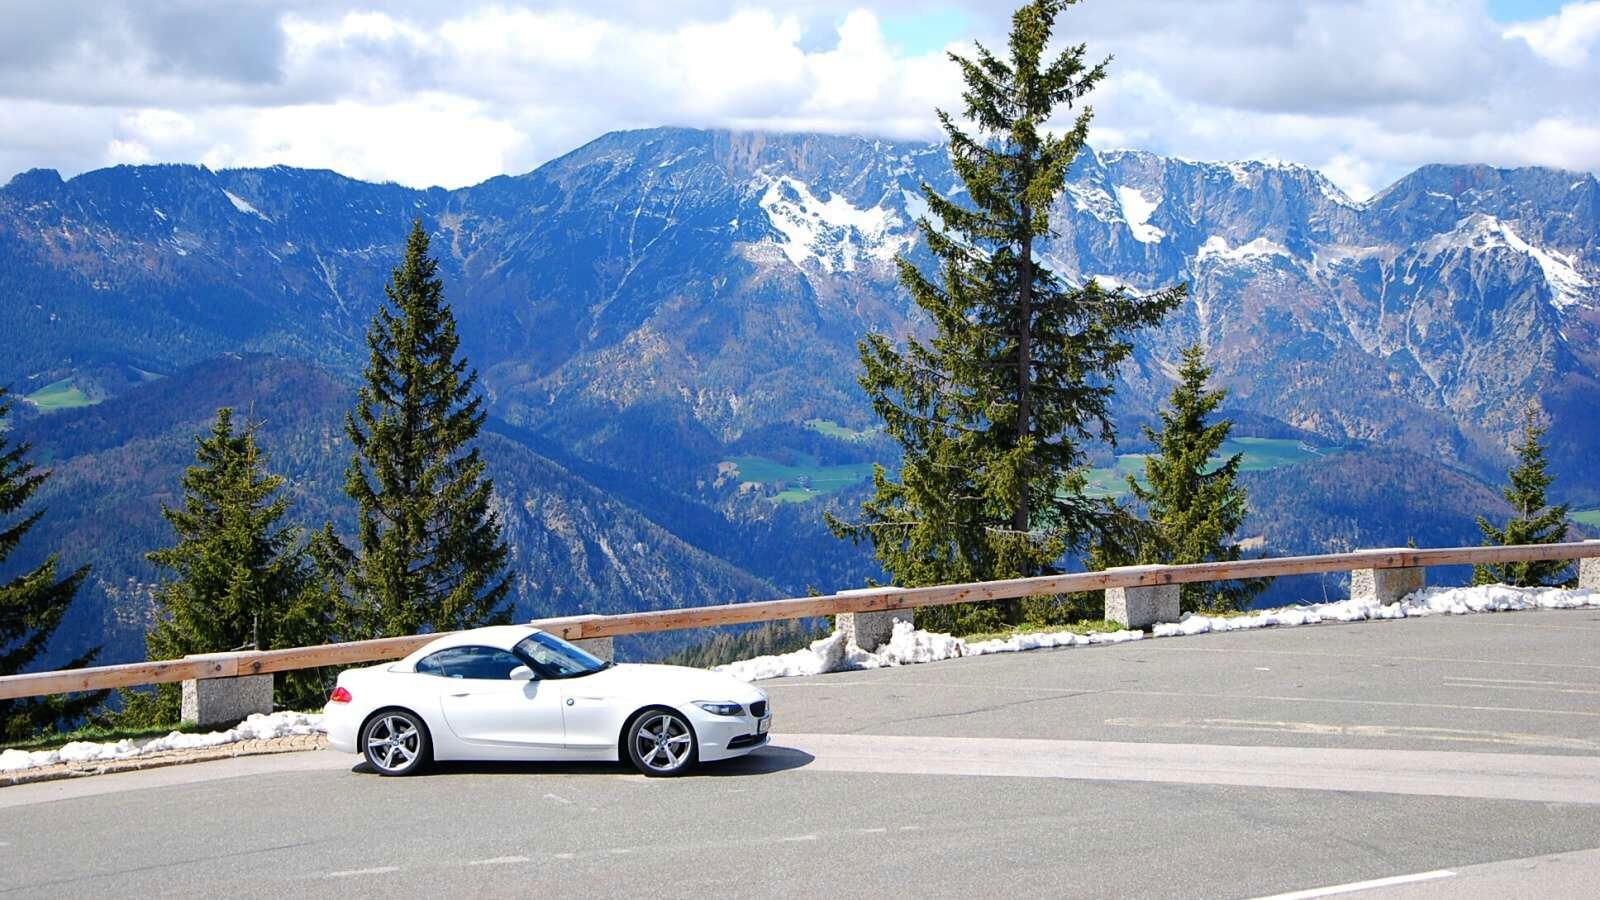 BMW Z4 zaparkovaná na hřebenu hory